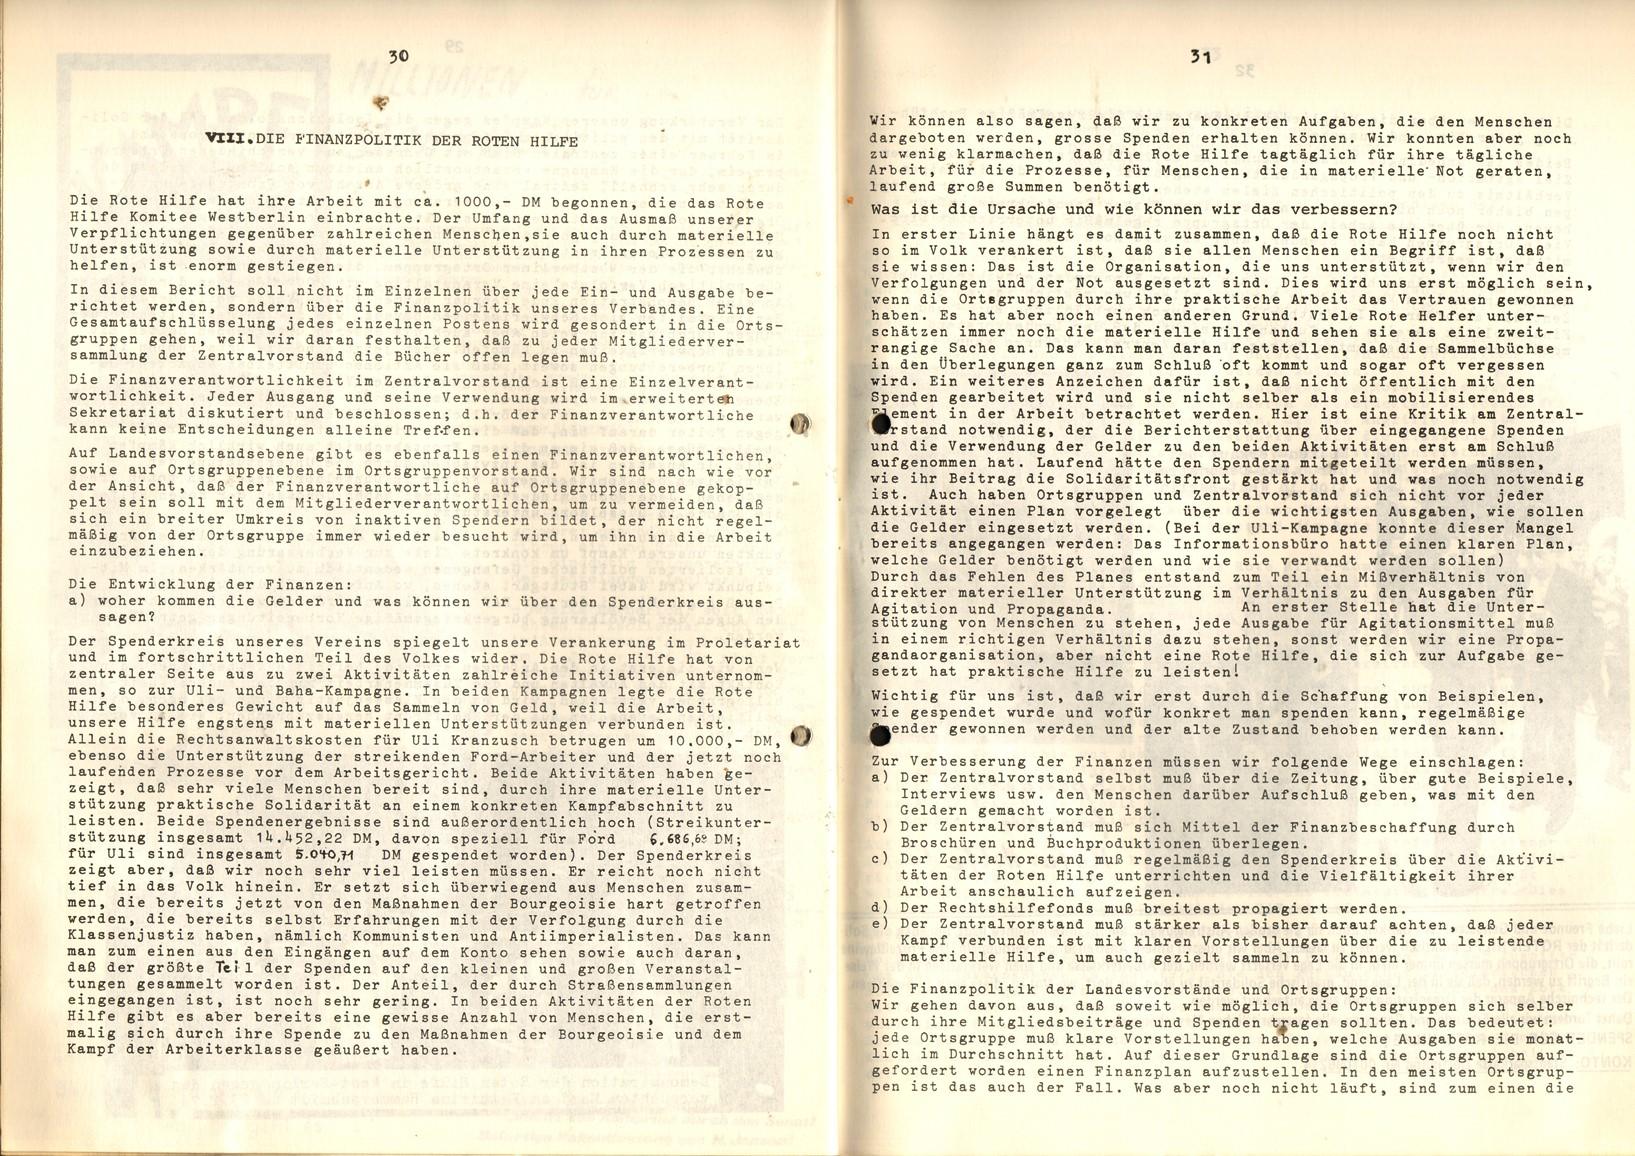 Dortmund_RHev_1974_Rechenschaftsbericht_17